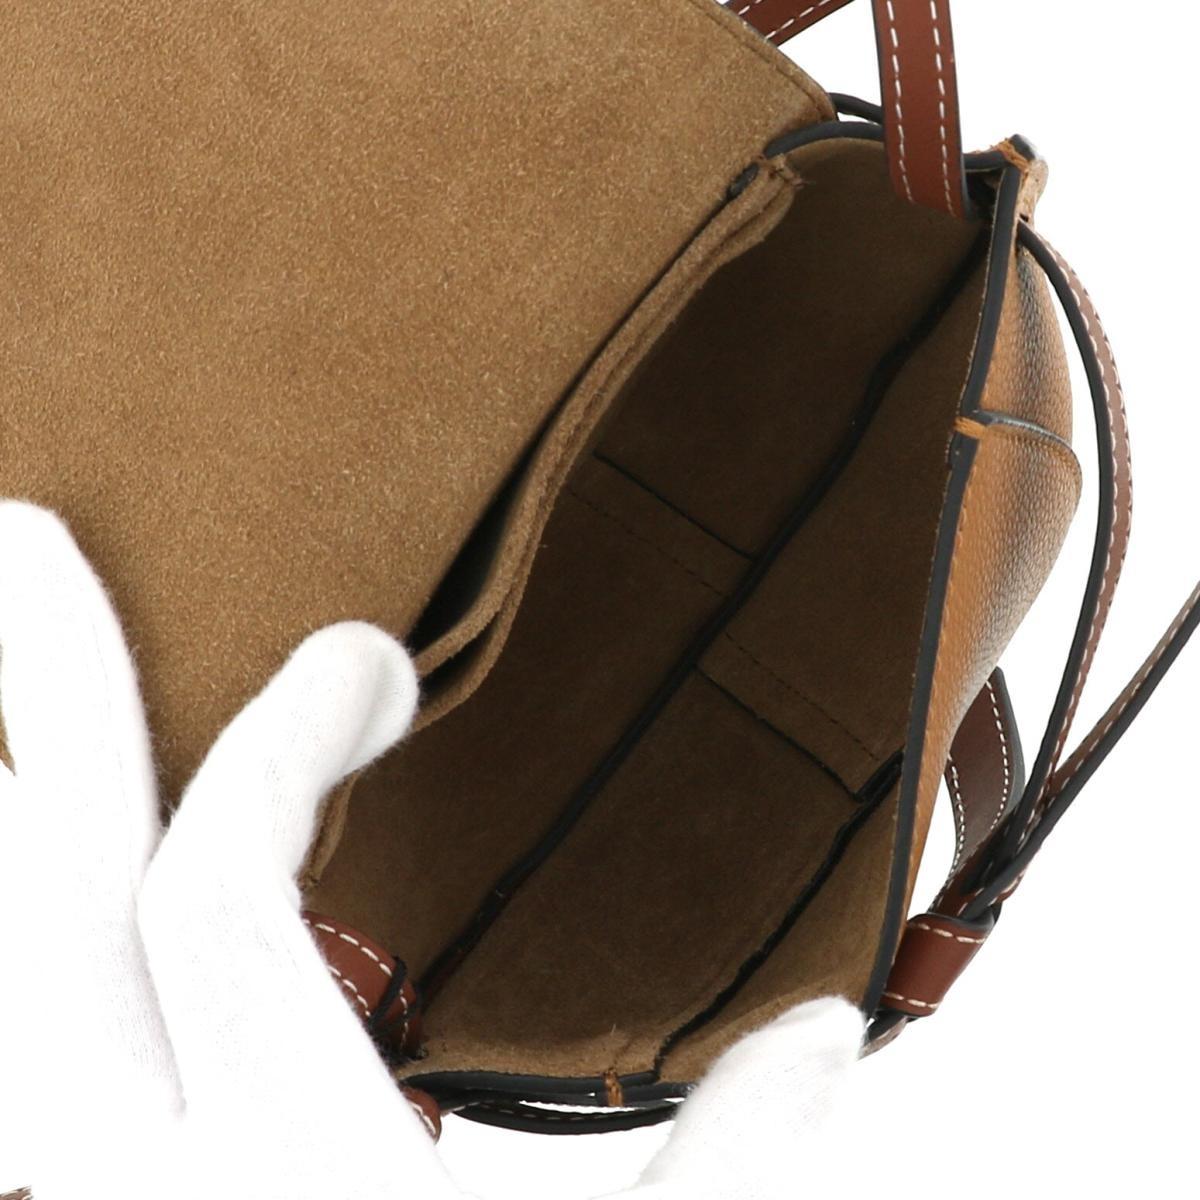 【お値下げ品】【中古】 LOEWE (ロエベ) ミニゲートバッグ バッグ ショルダー/メッセンジャーバッグ   321.12.U62 unused:S